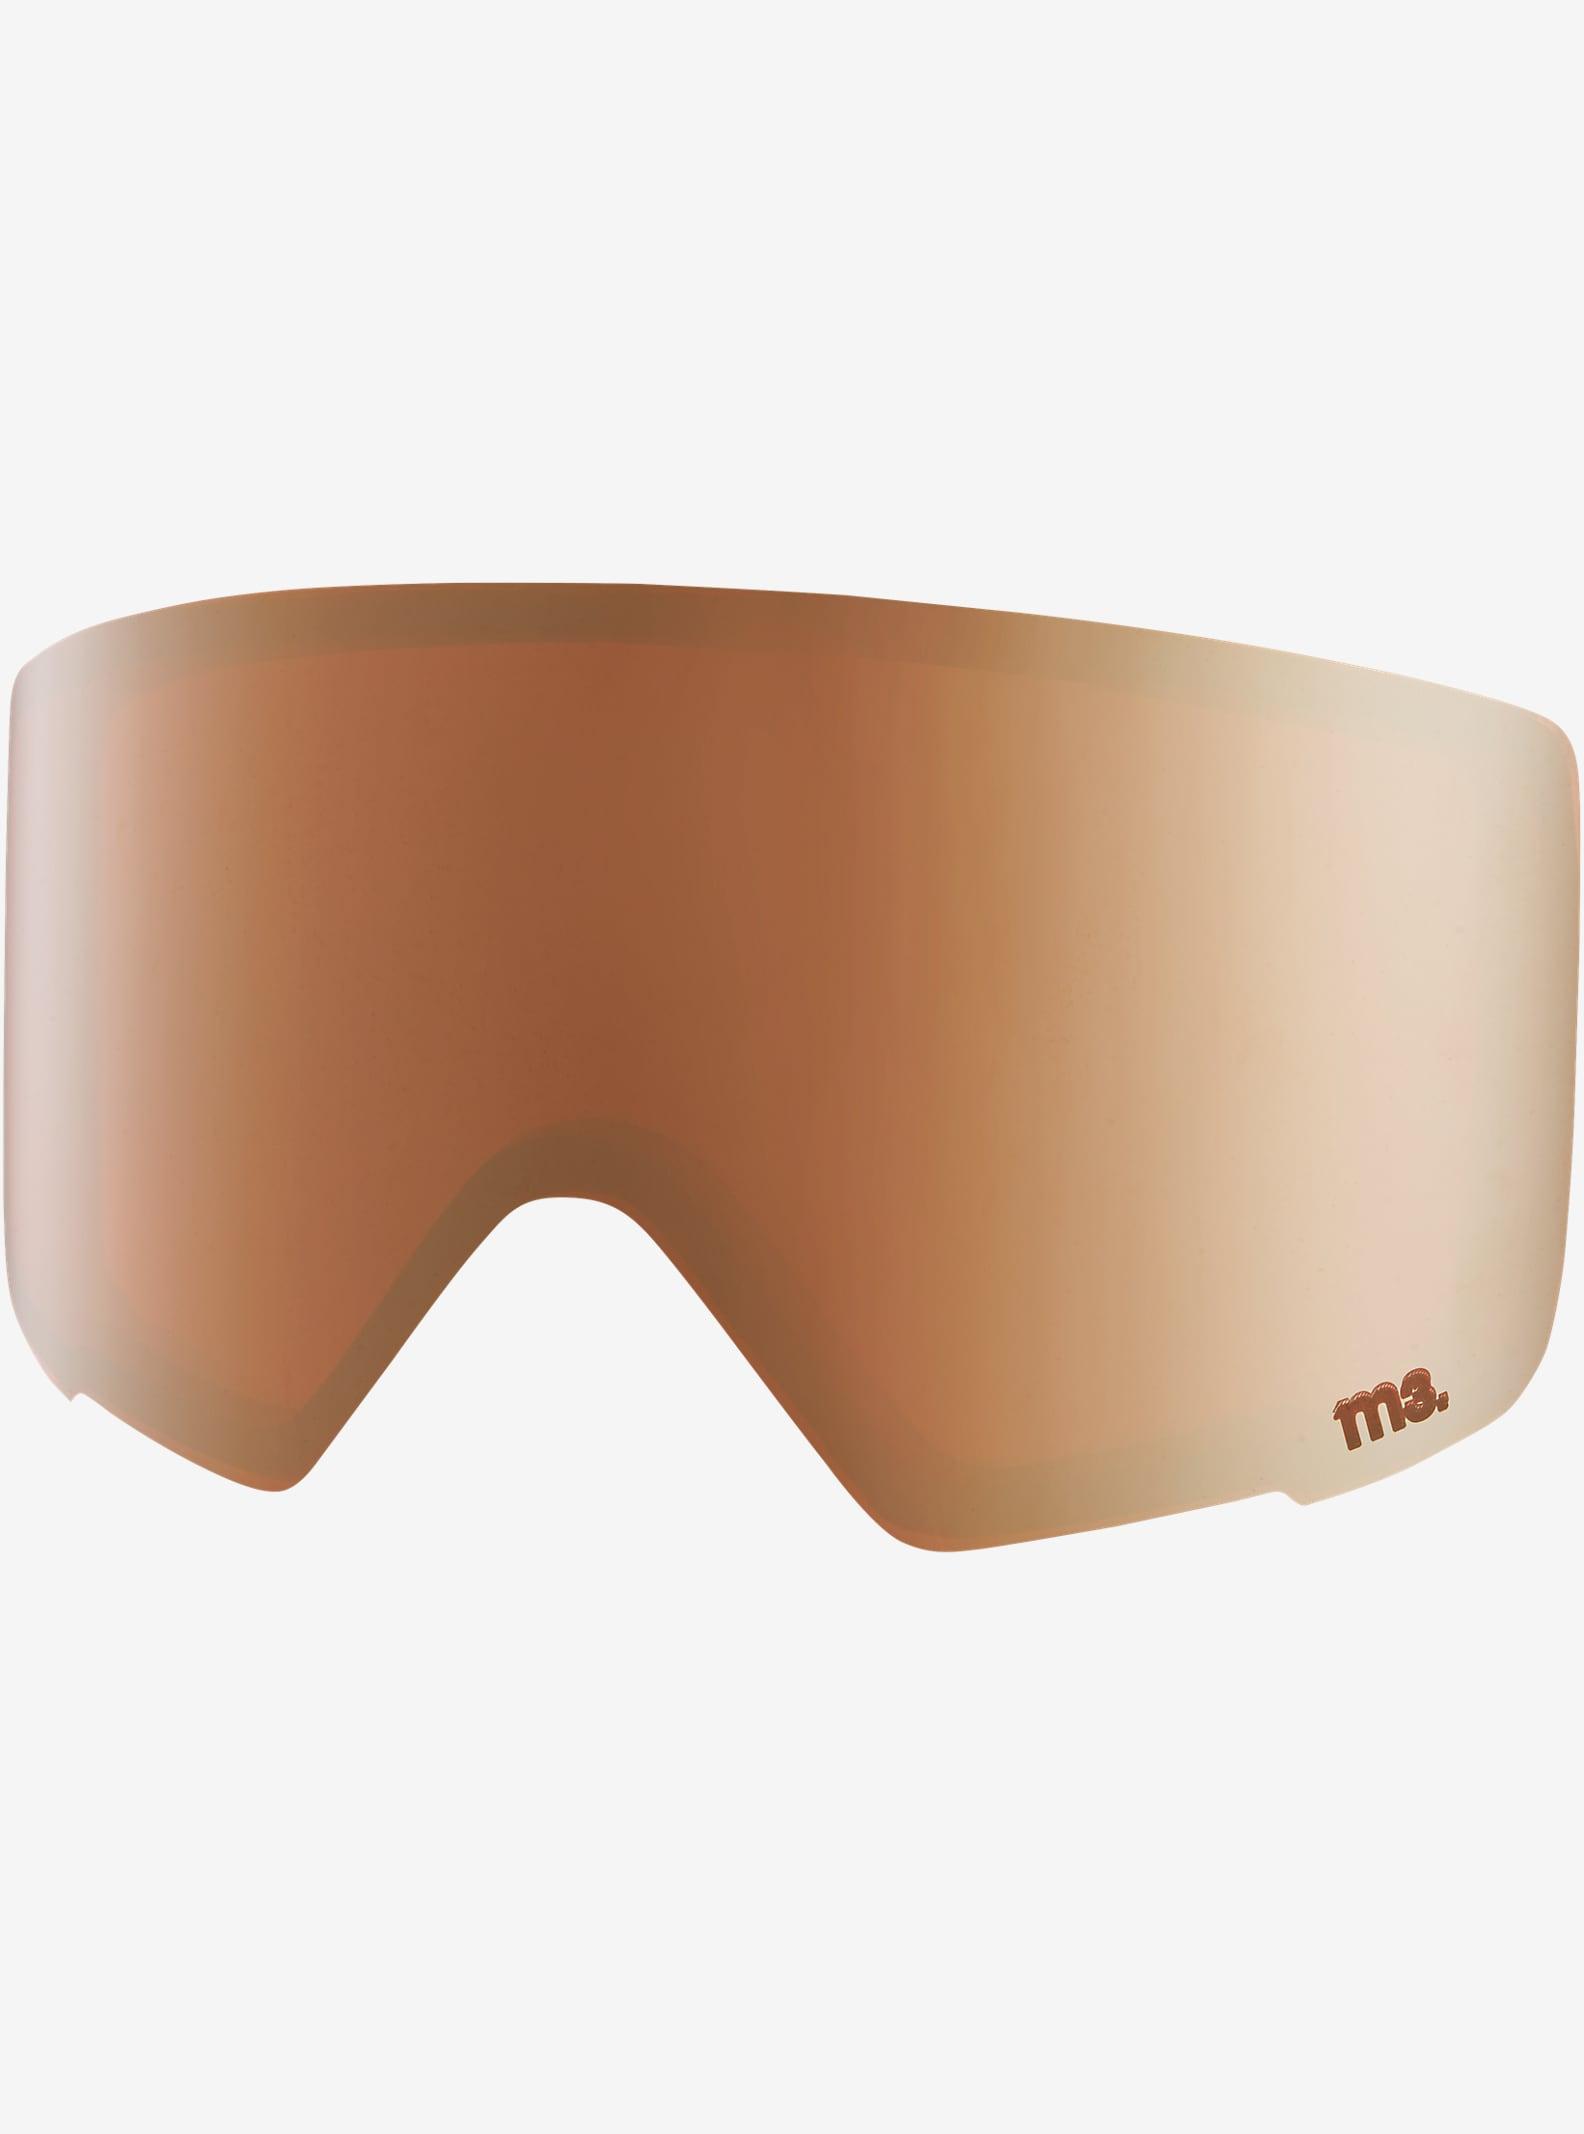 anon. M3 Goggle Lens shown in Amber (55% VLT)